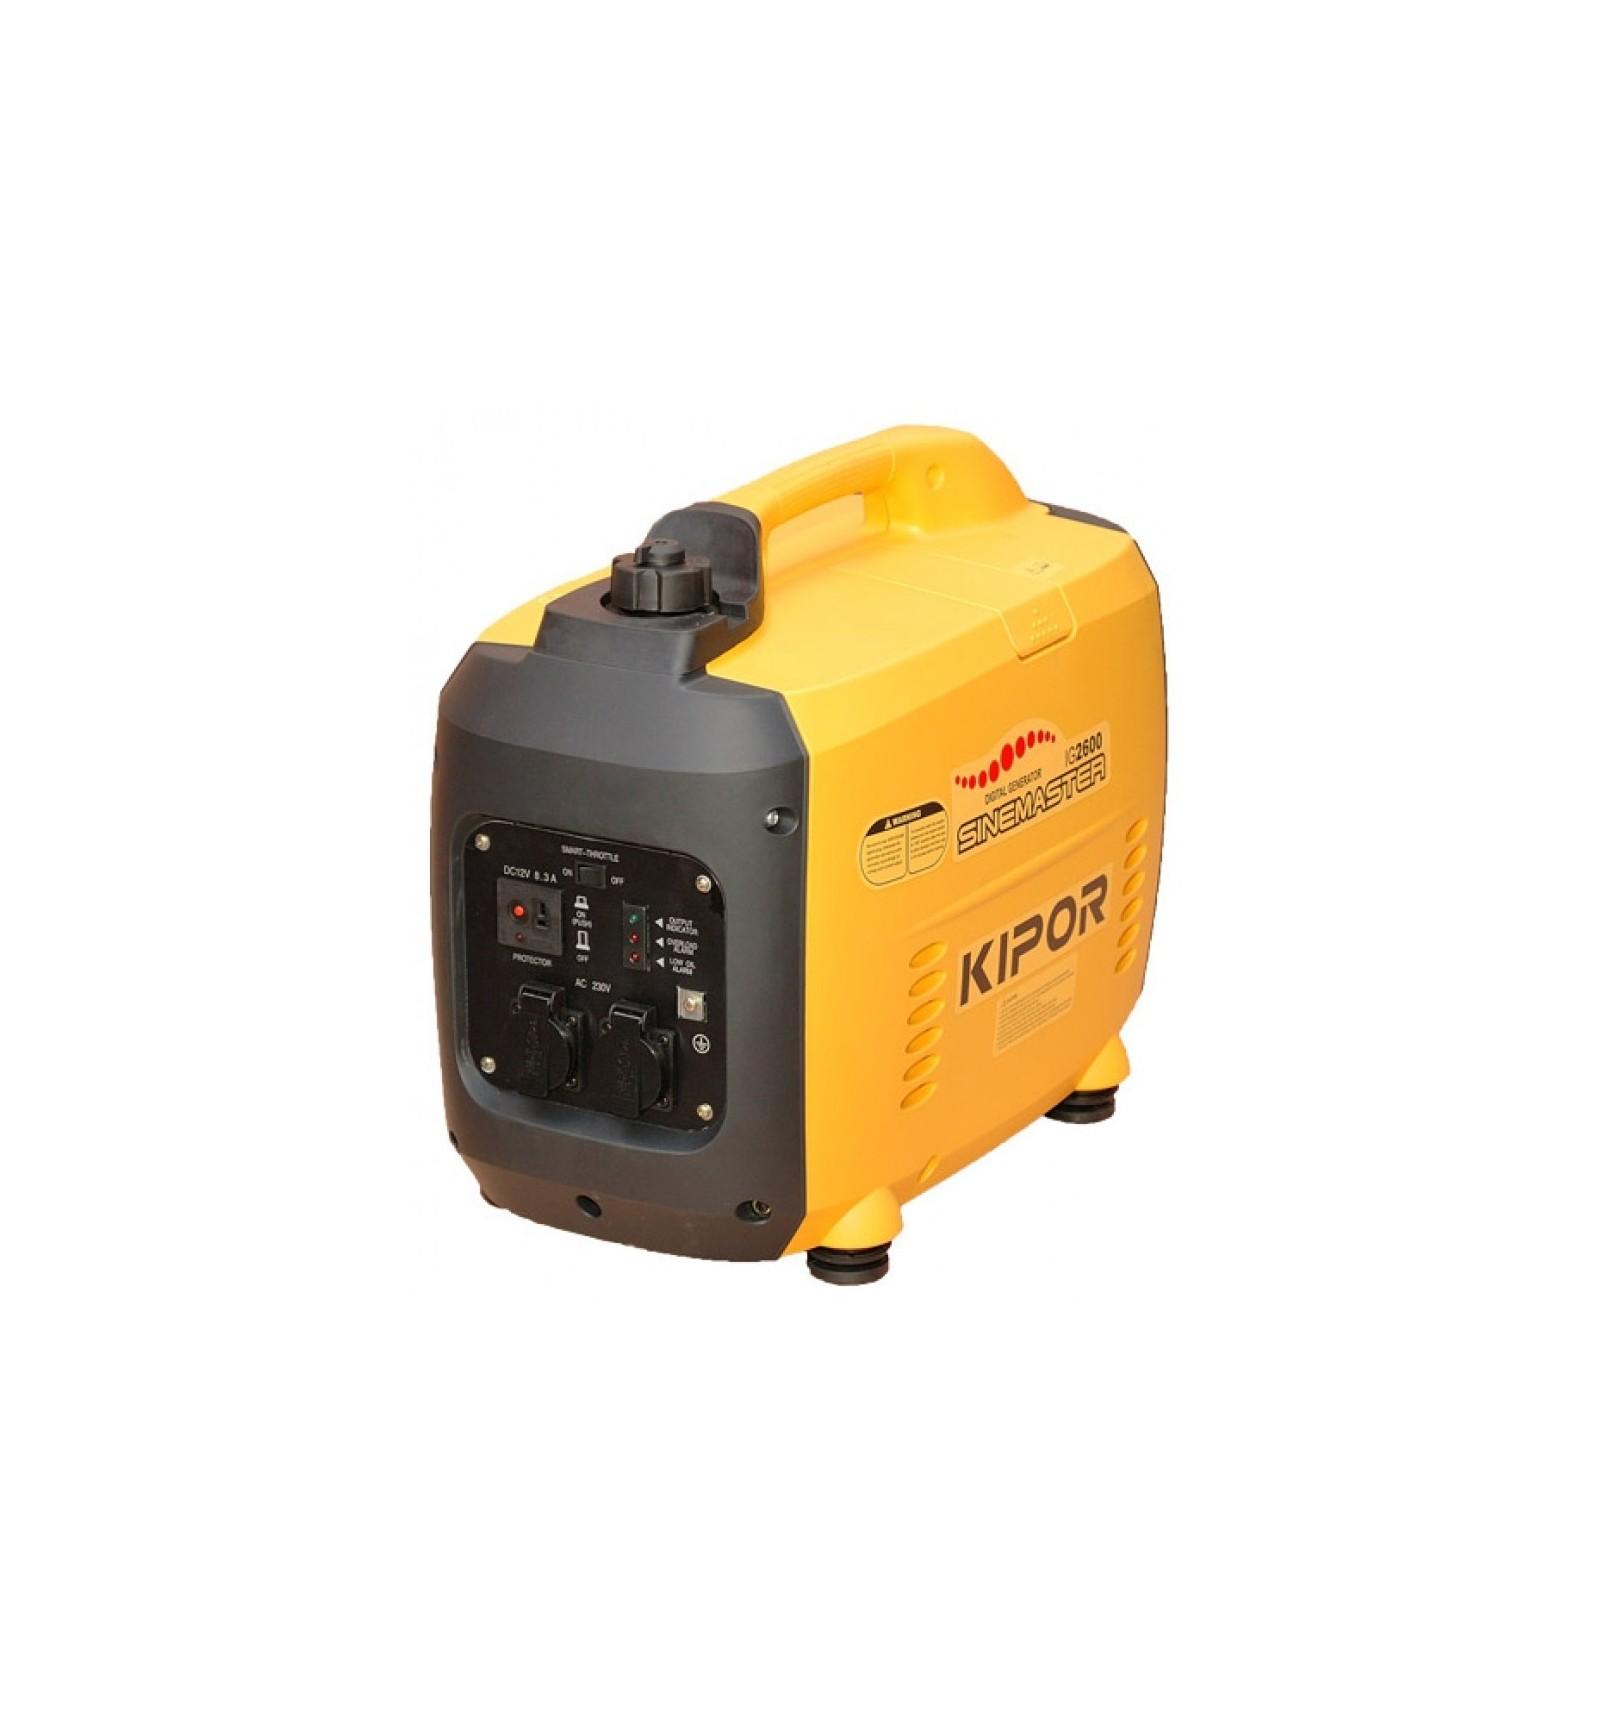 Бензогенератор инверторного типа, переносной Kipor IG2600 купить